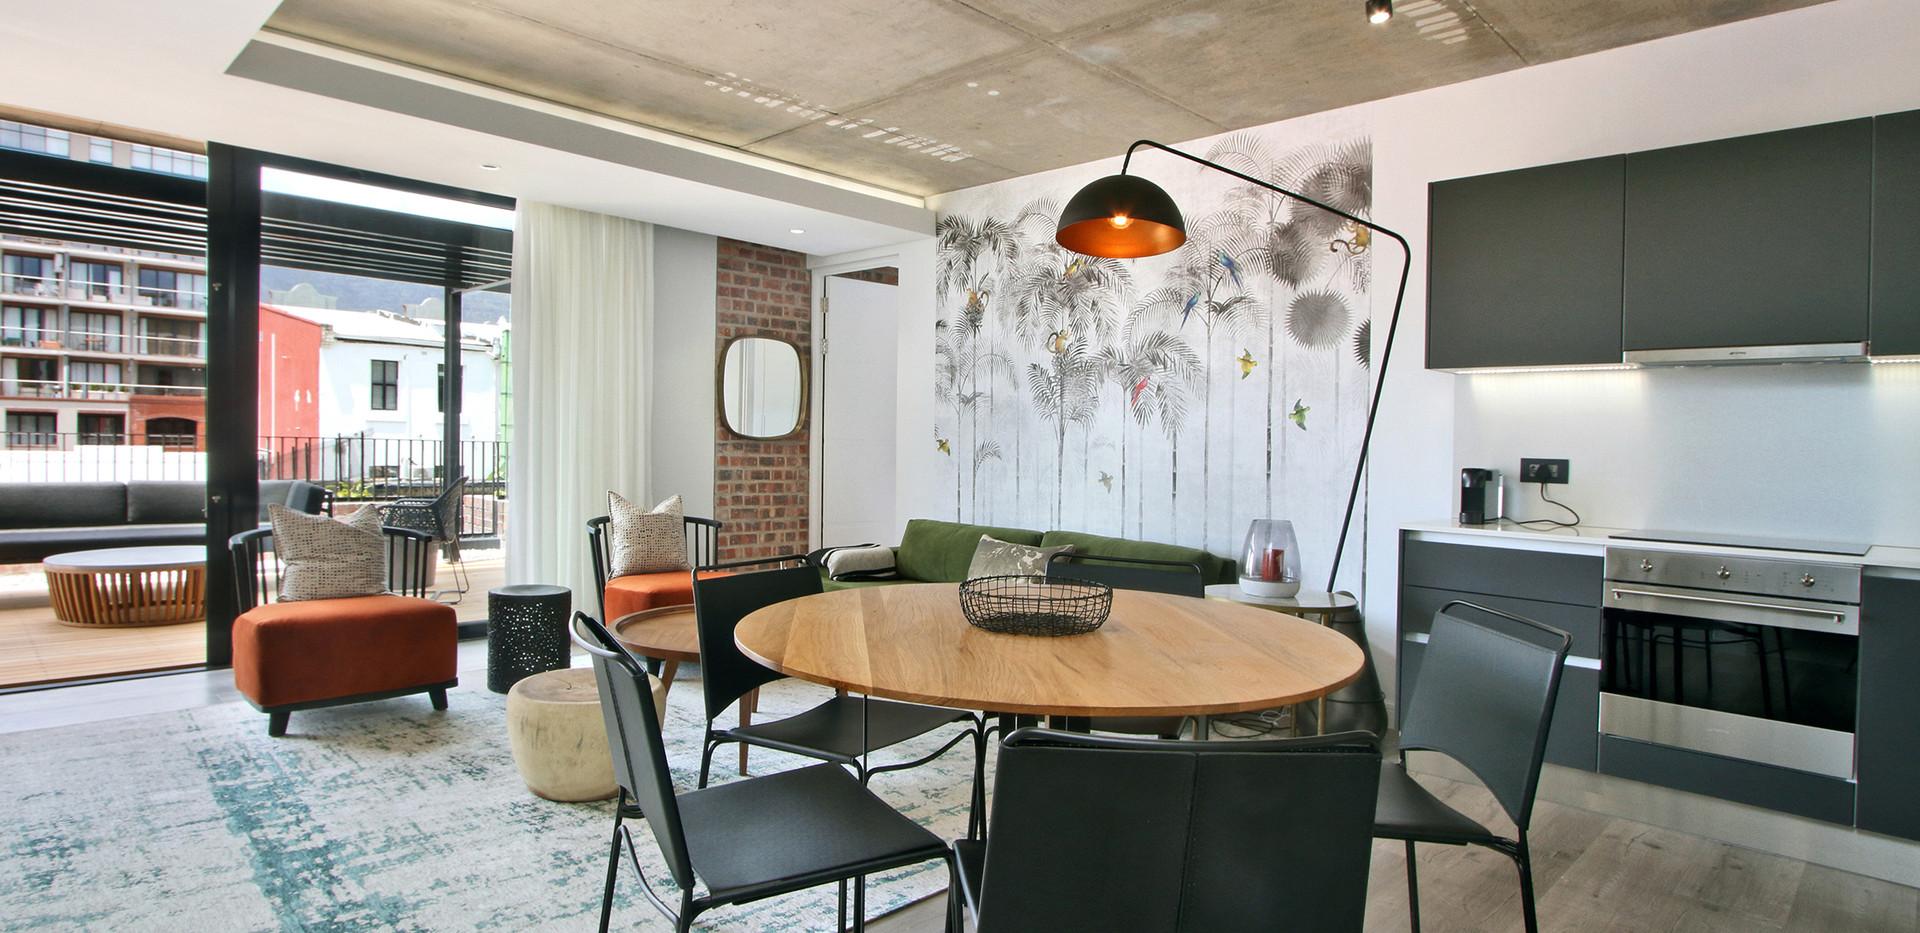 Lounge_2bedroom_Signatura_206_ITC_5.jpg